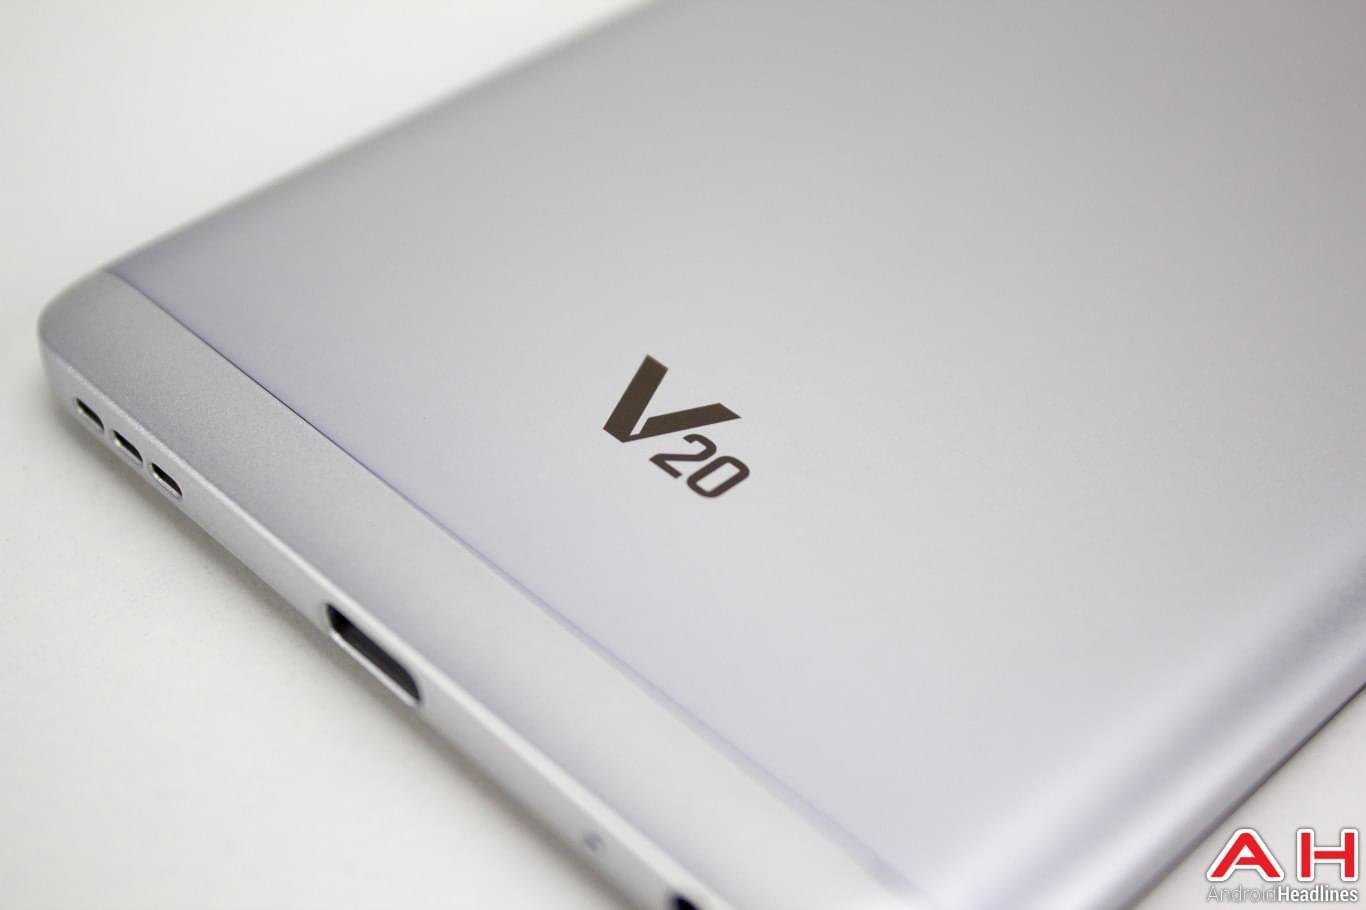 LG V20 AH NS 04 logo